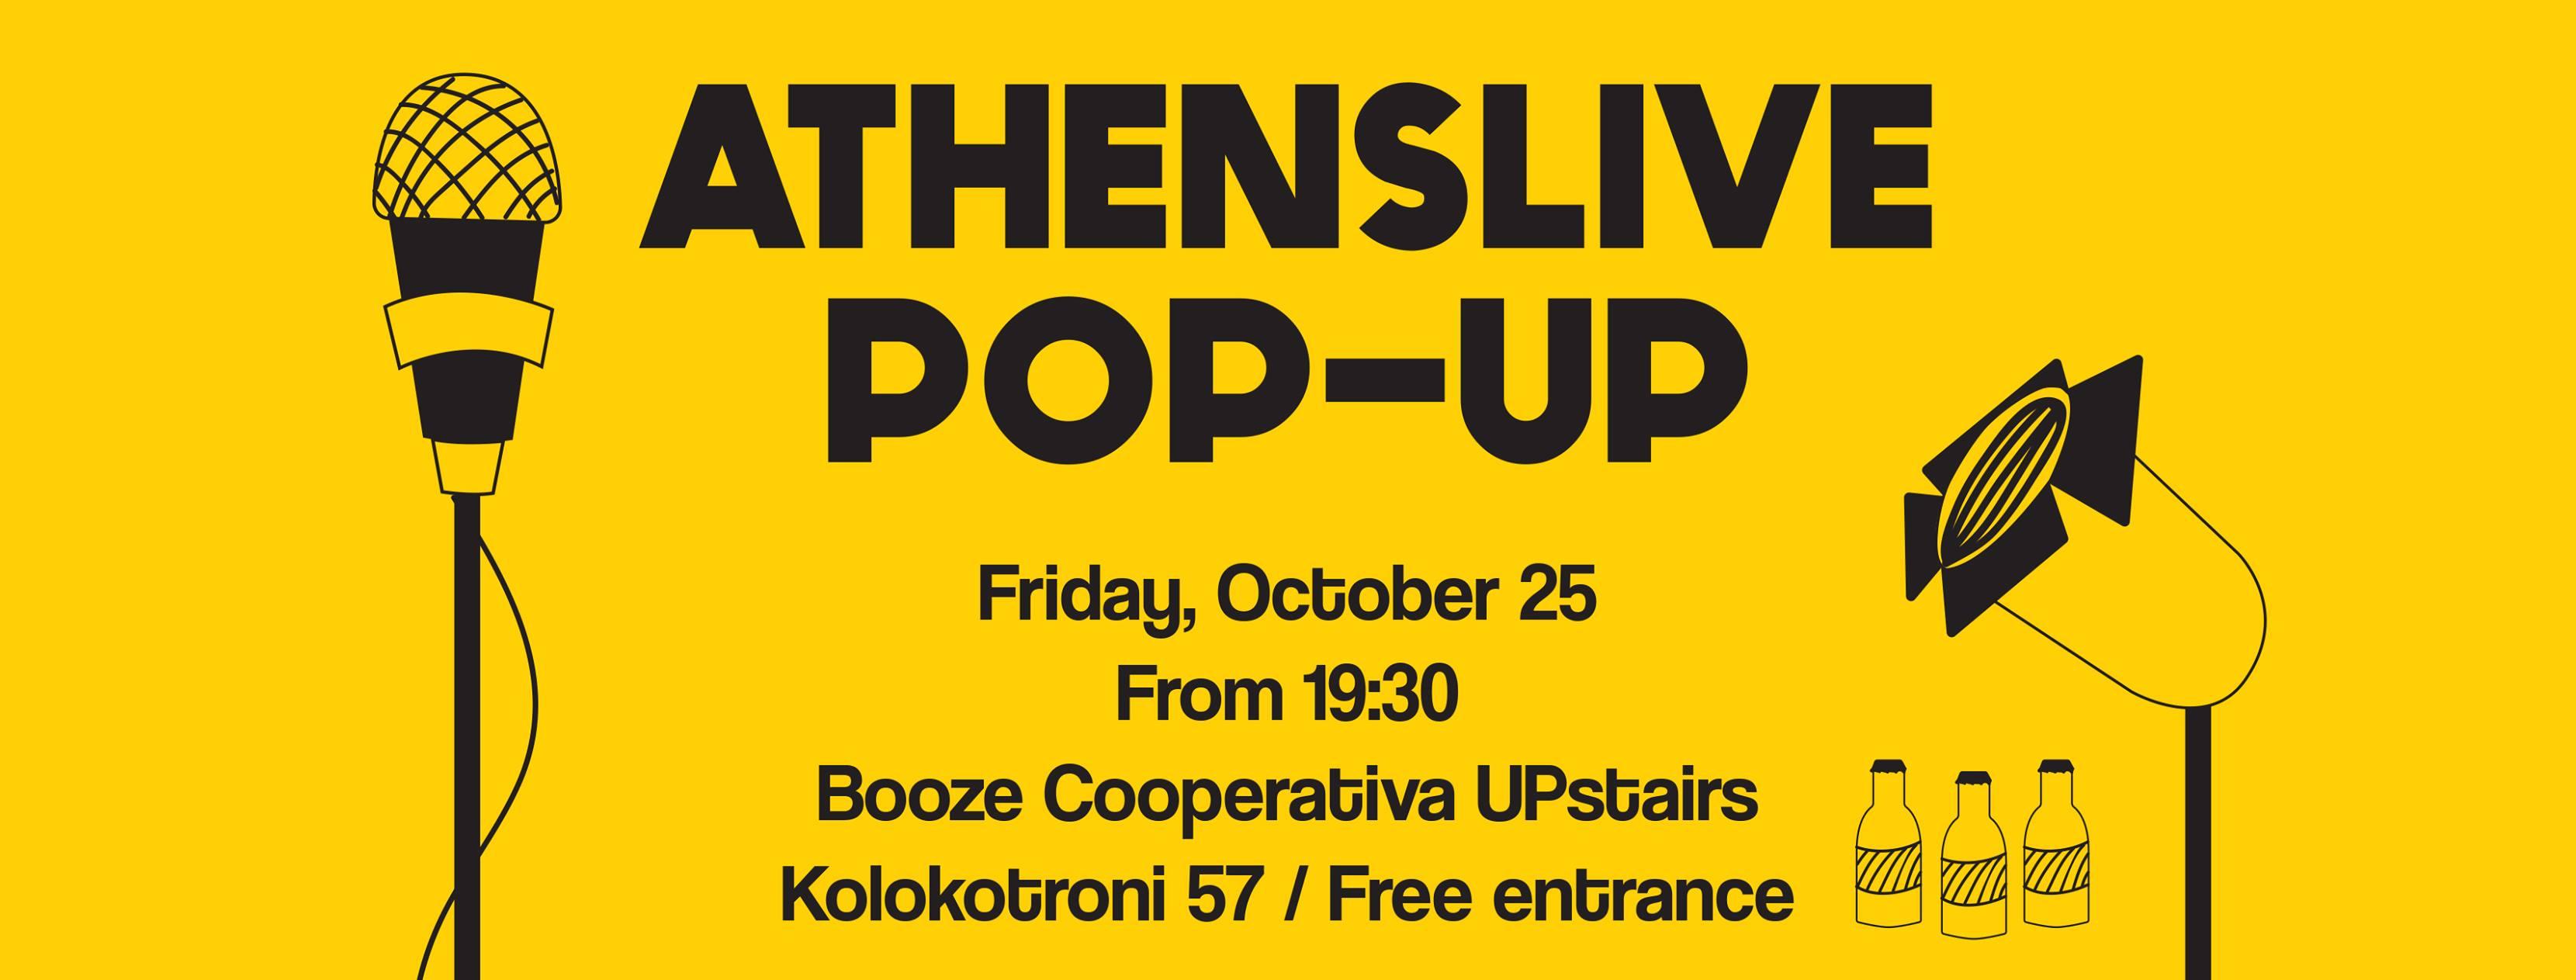 Το πρώτο AthensLive Pop-Up είναι γεγονός!